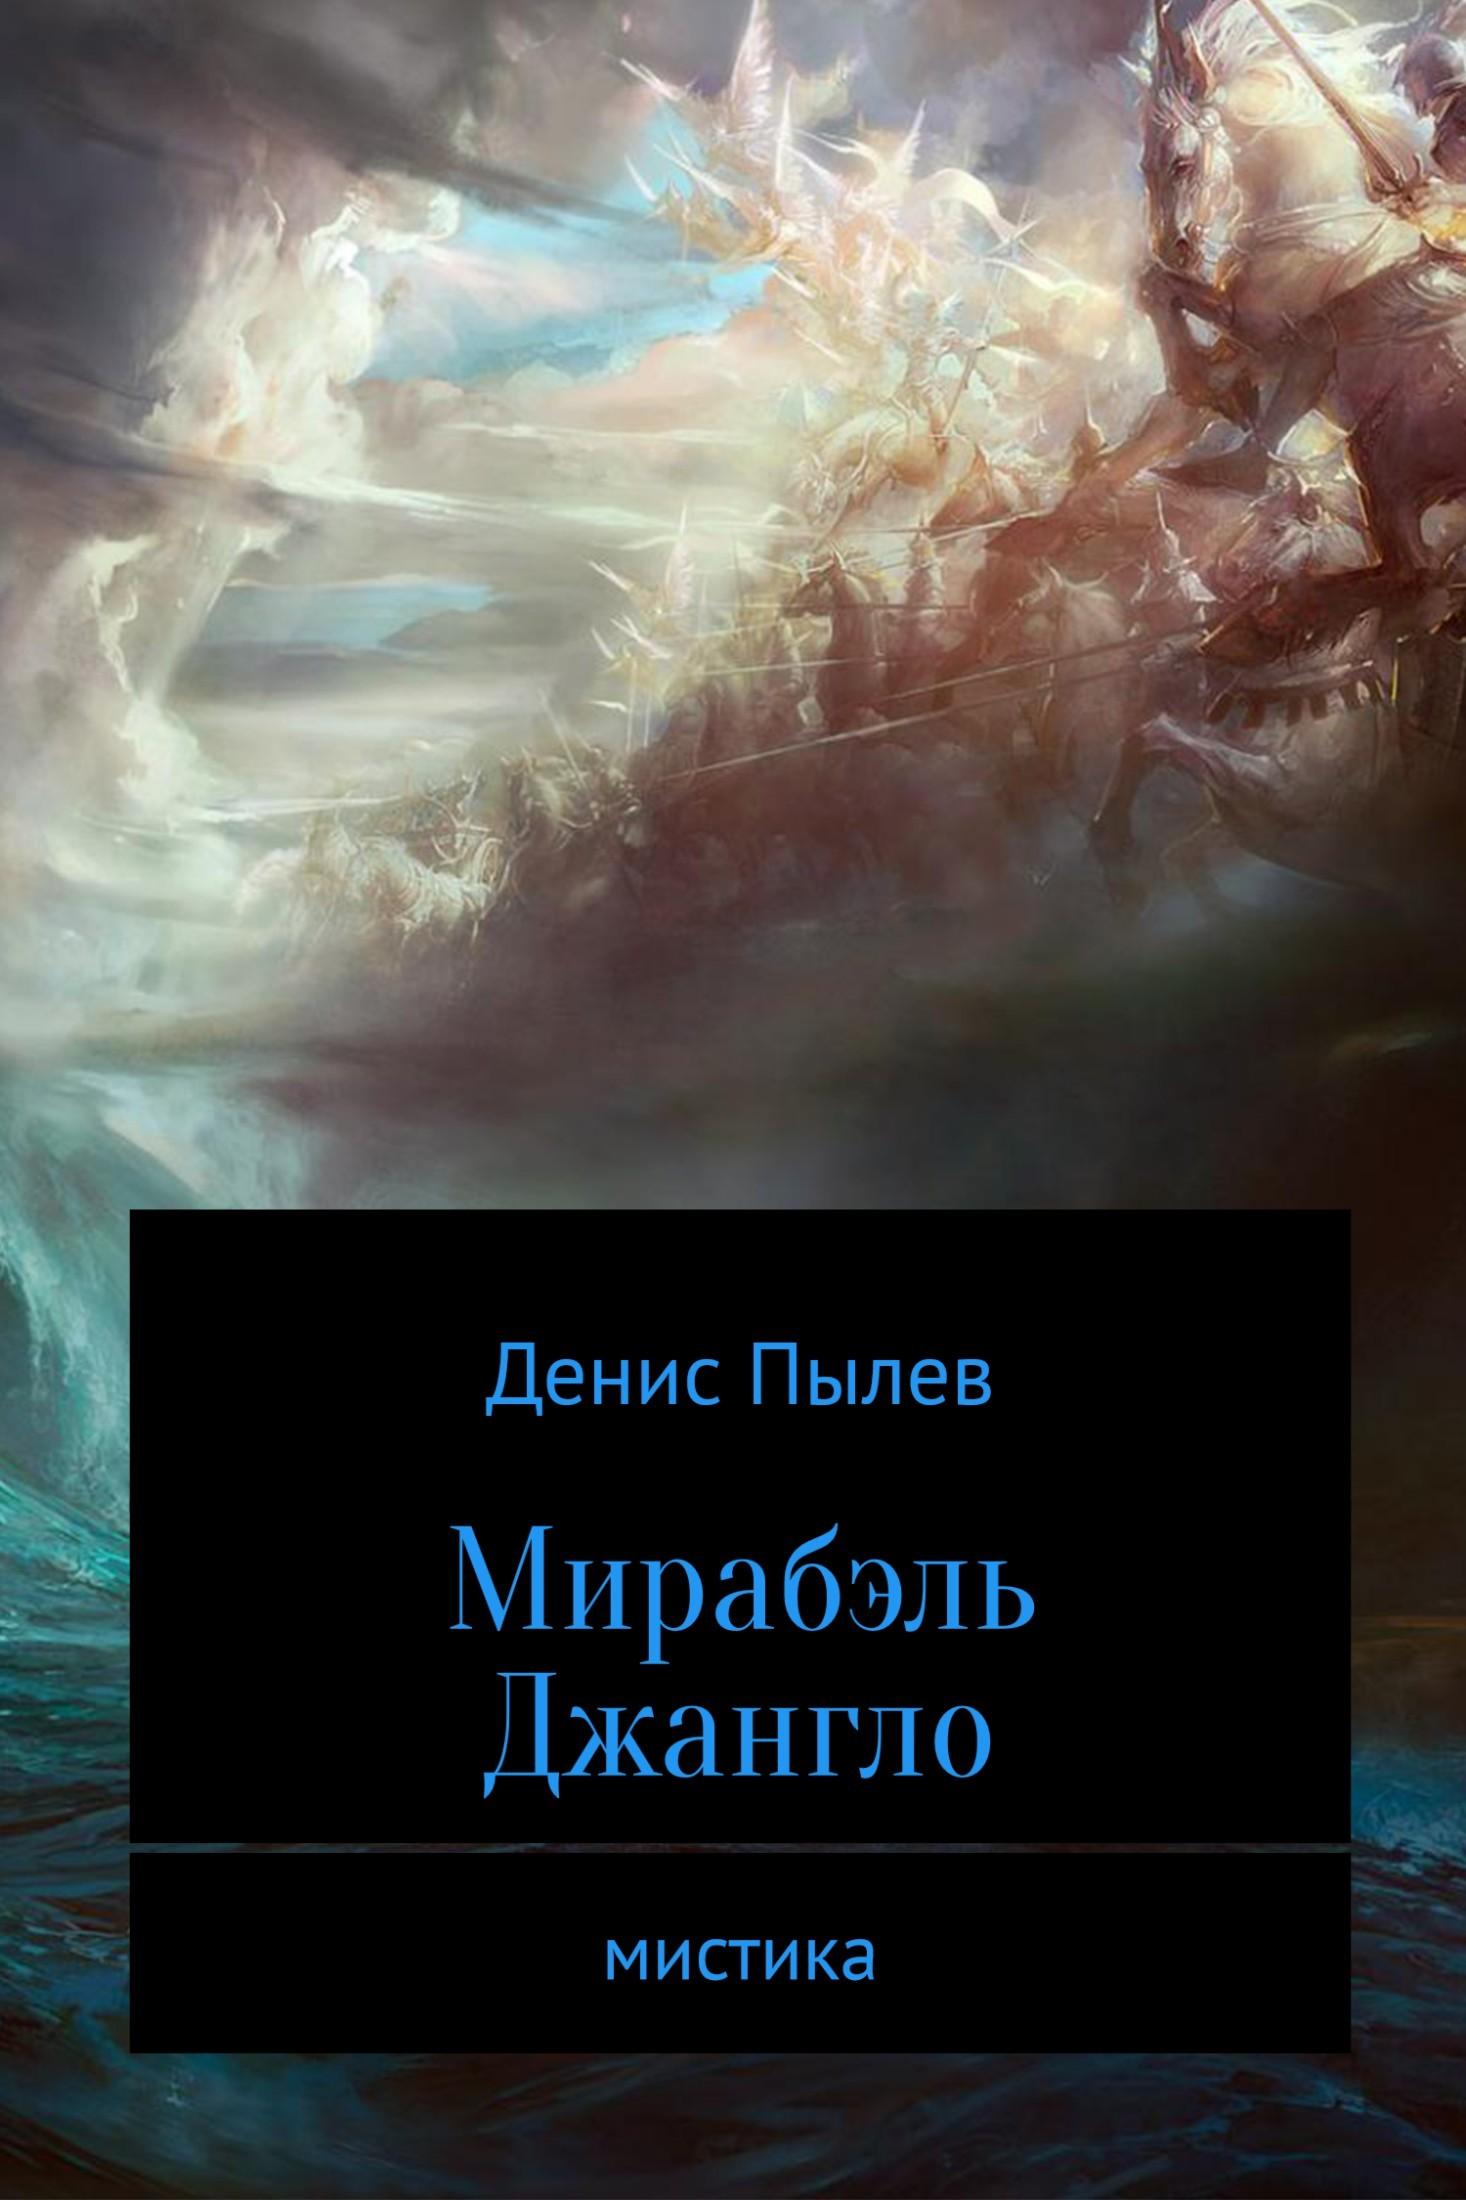 Мирабэль Джангло